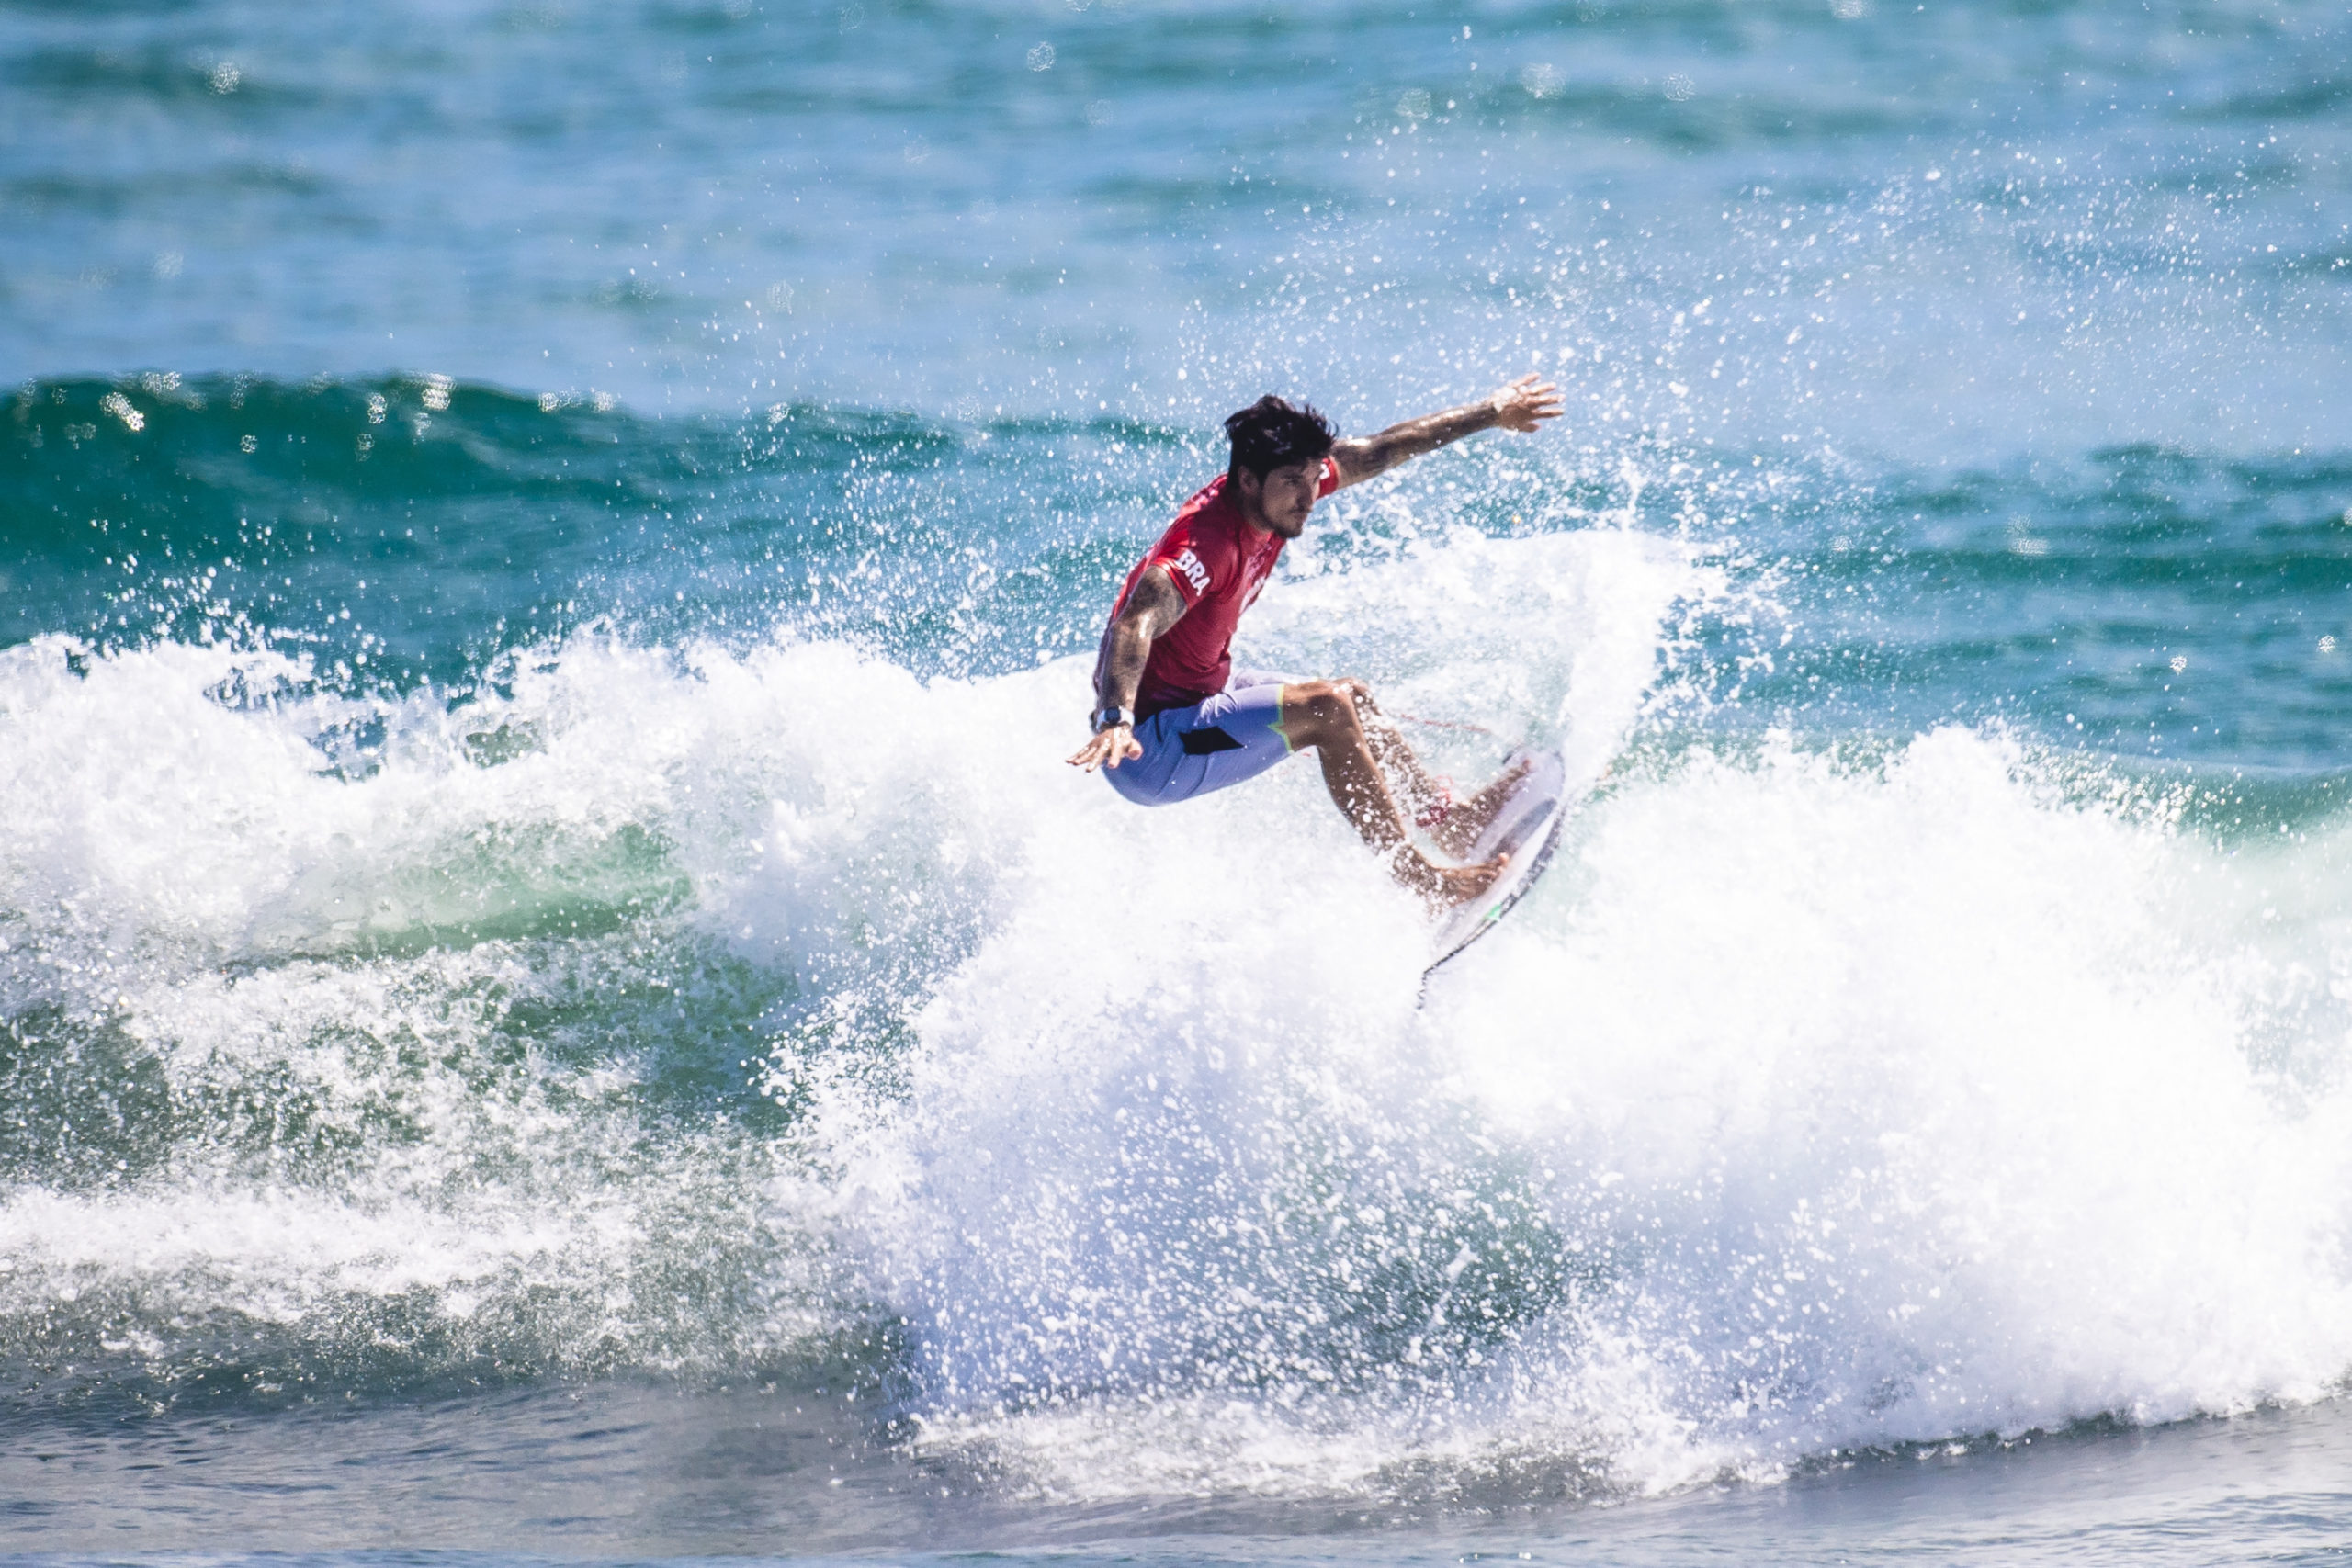 Surf será destaque na programação do Brasil nas Olimpíadas nesta segunda e terça-feira